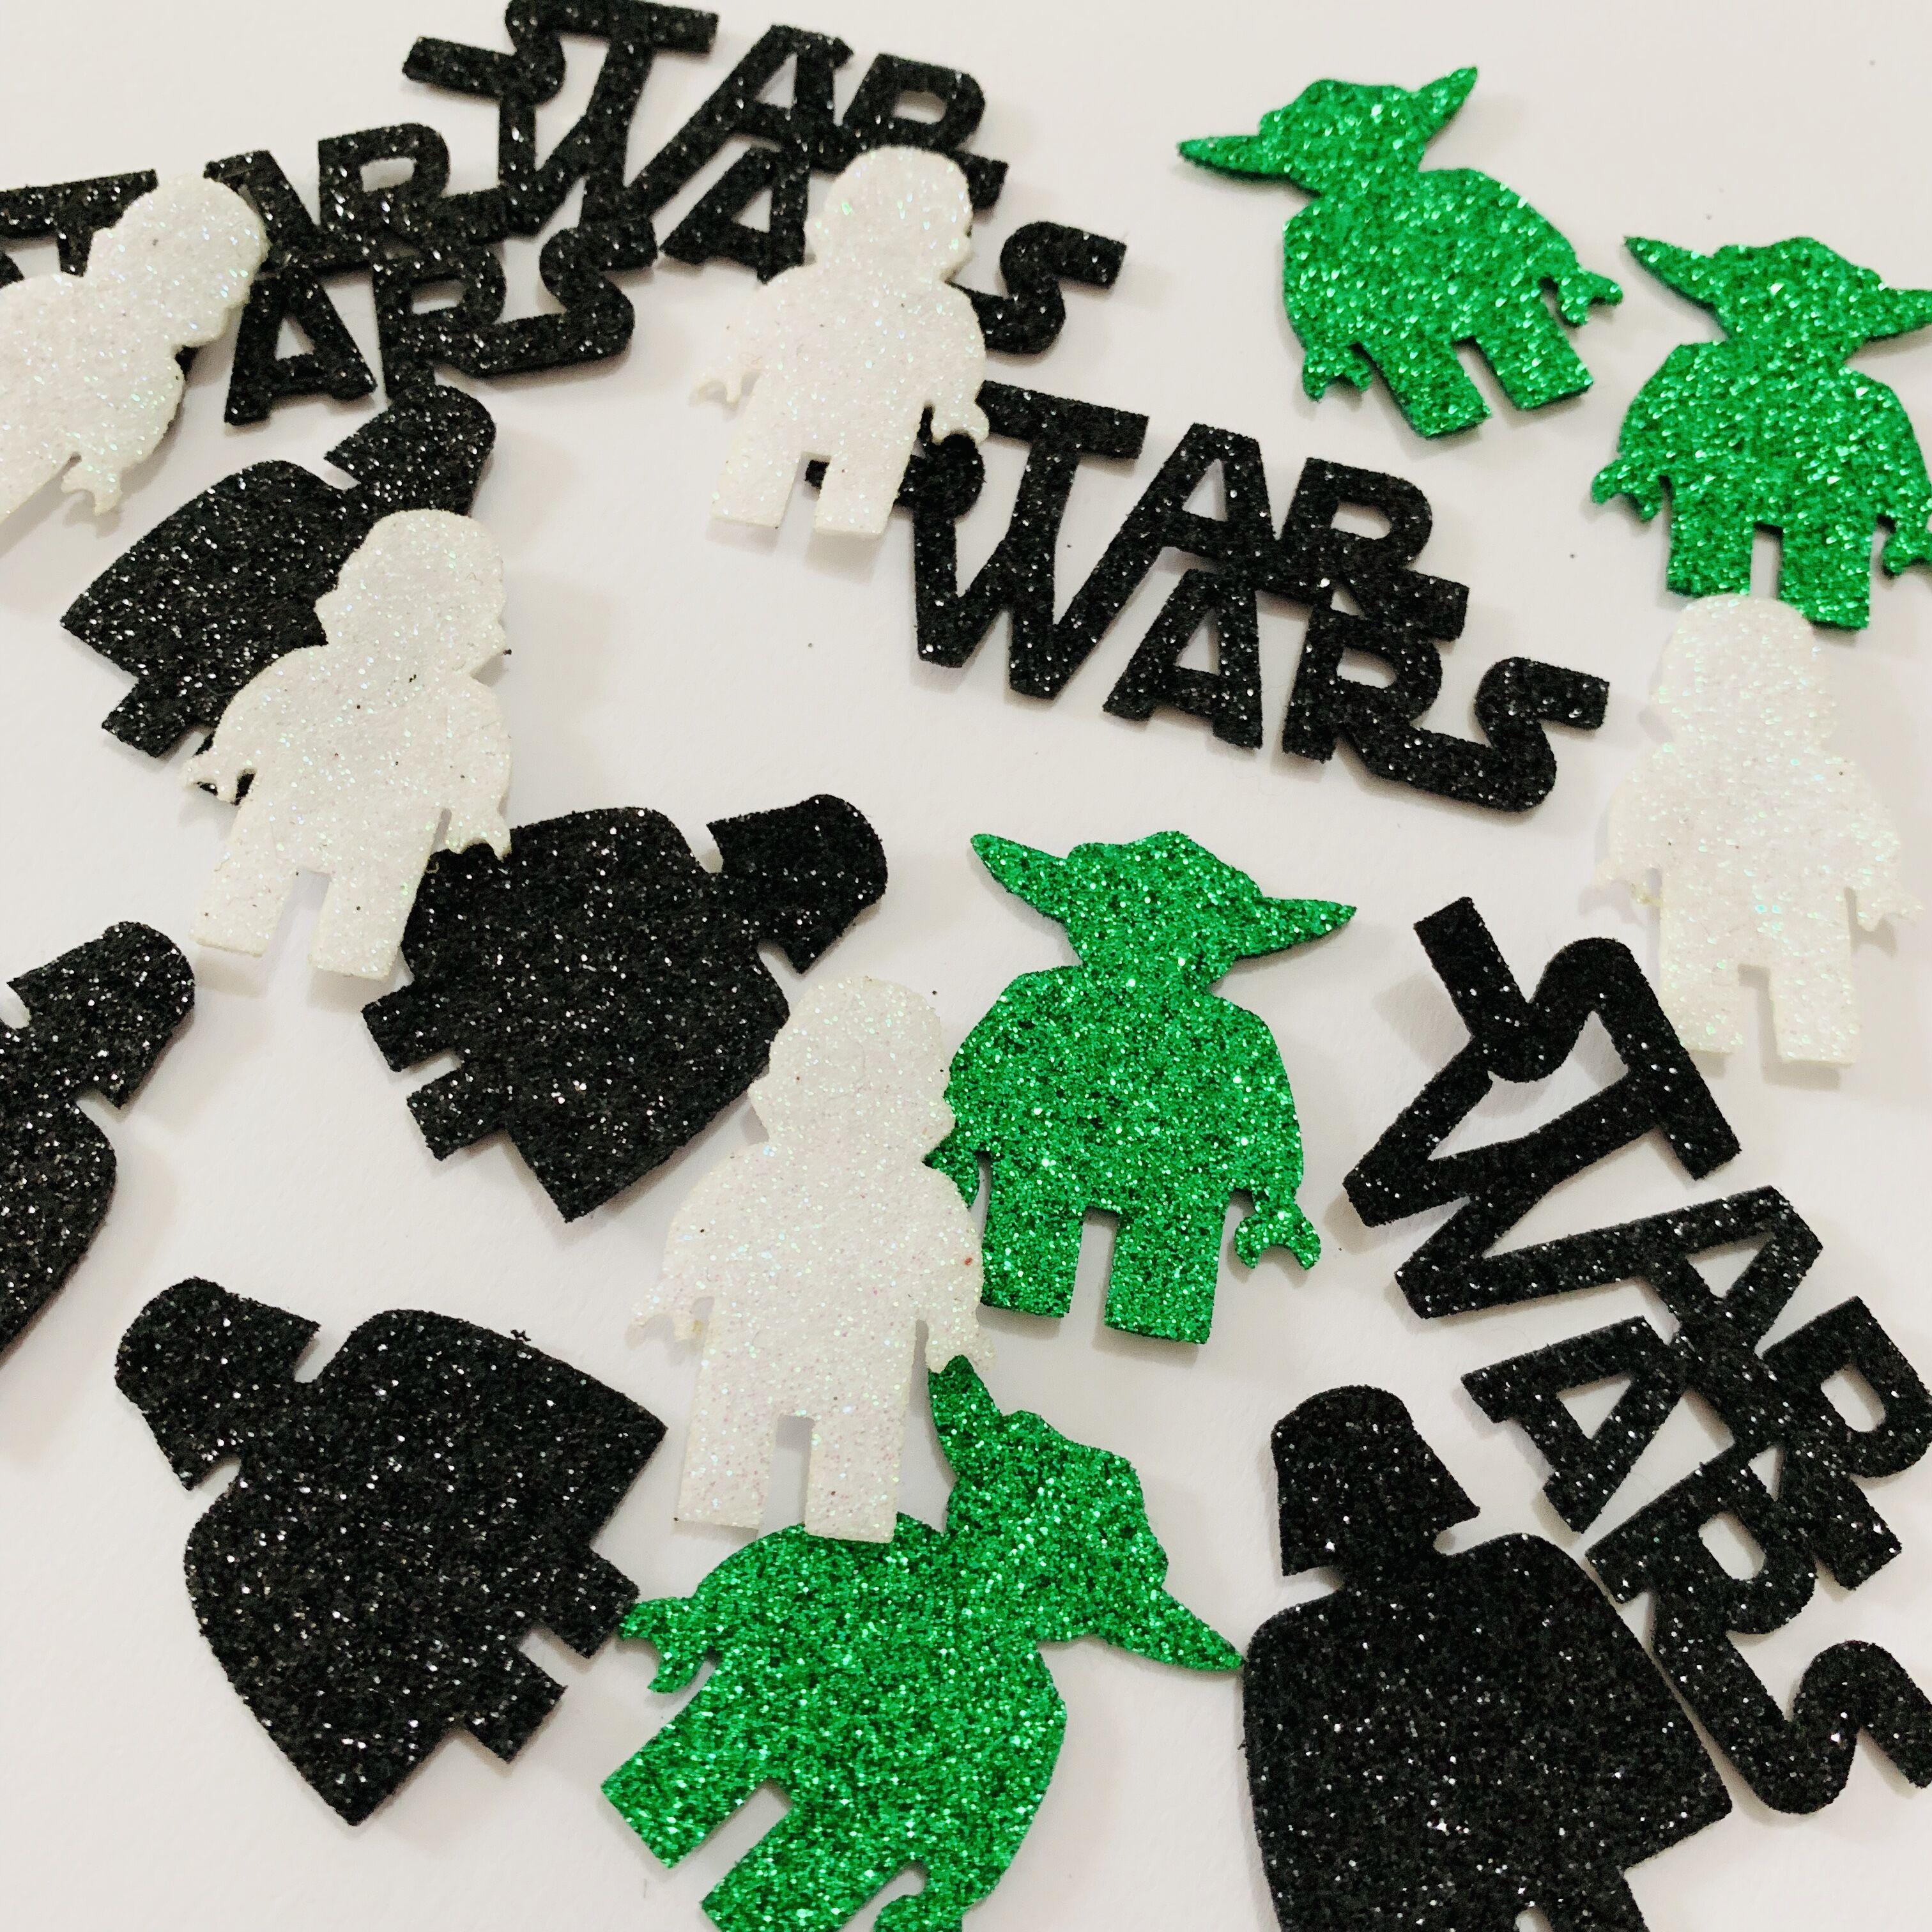 starwars-coriandoli-festa-di-compleanno-felice-spargimenti-tavolo-di-decorazioni-glitter-tessuto-non-tessuto-rifornimenti-del-partito-camera-dei-bambini